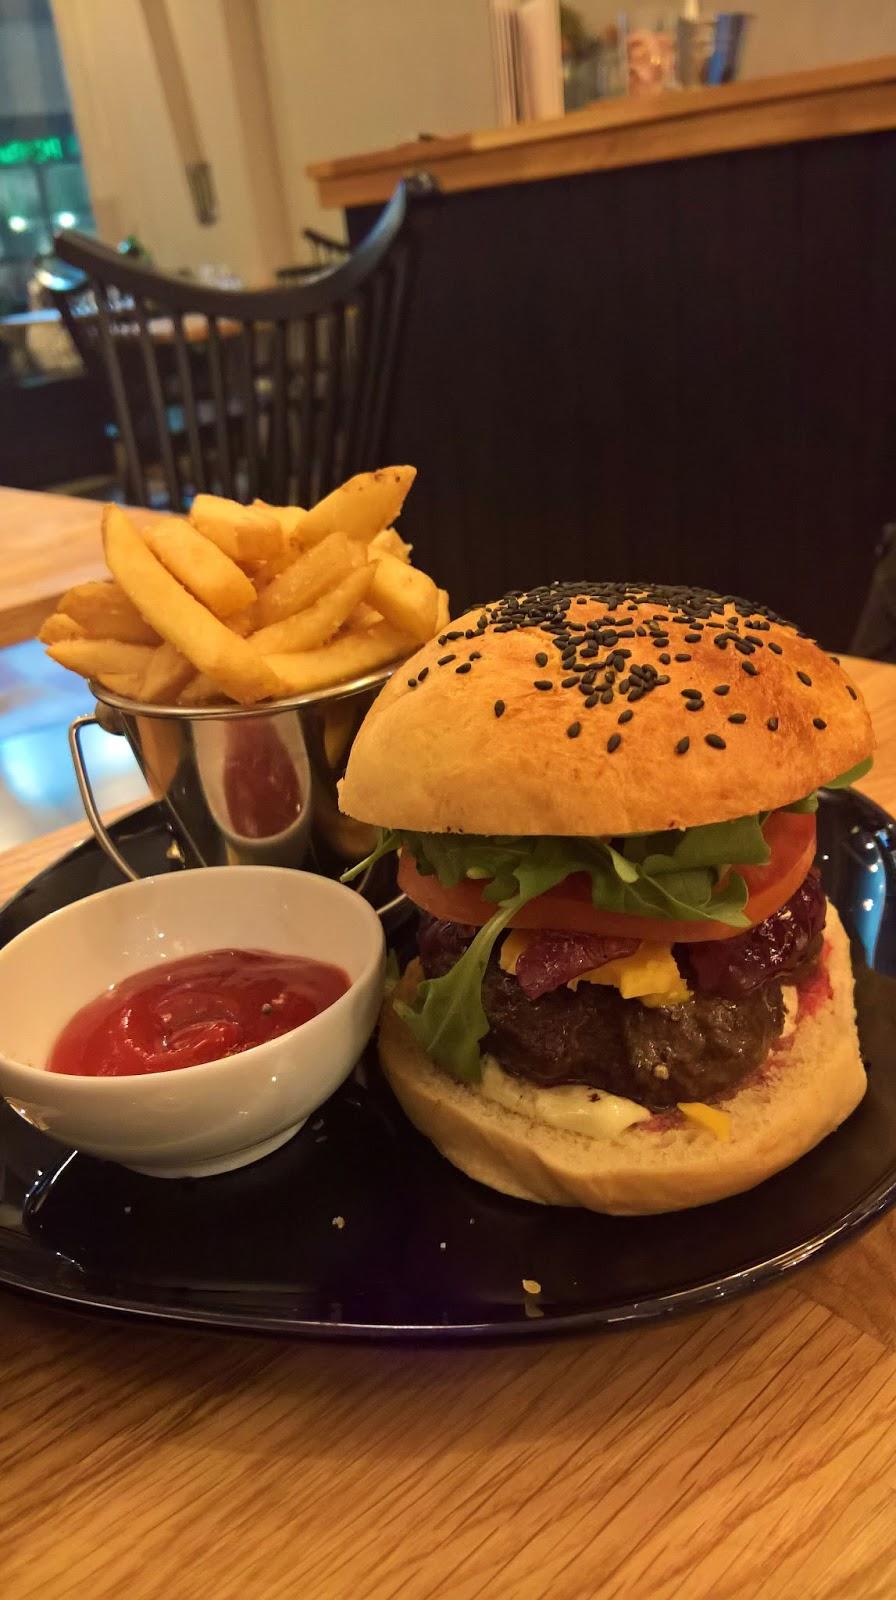 bistro soppa jyväskylä hampurilainen burger hampurilaistesti mallaspulla